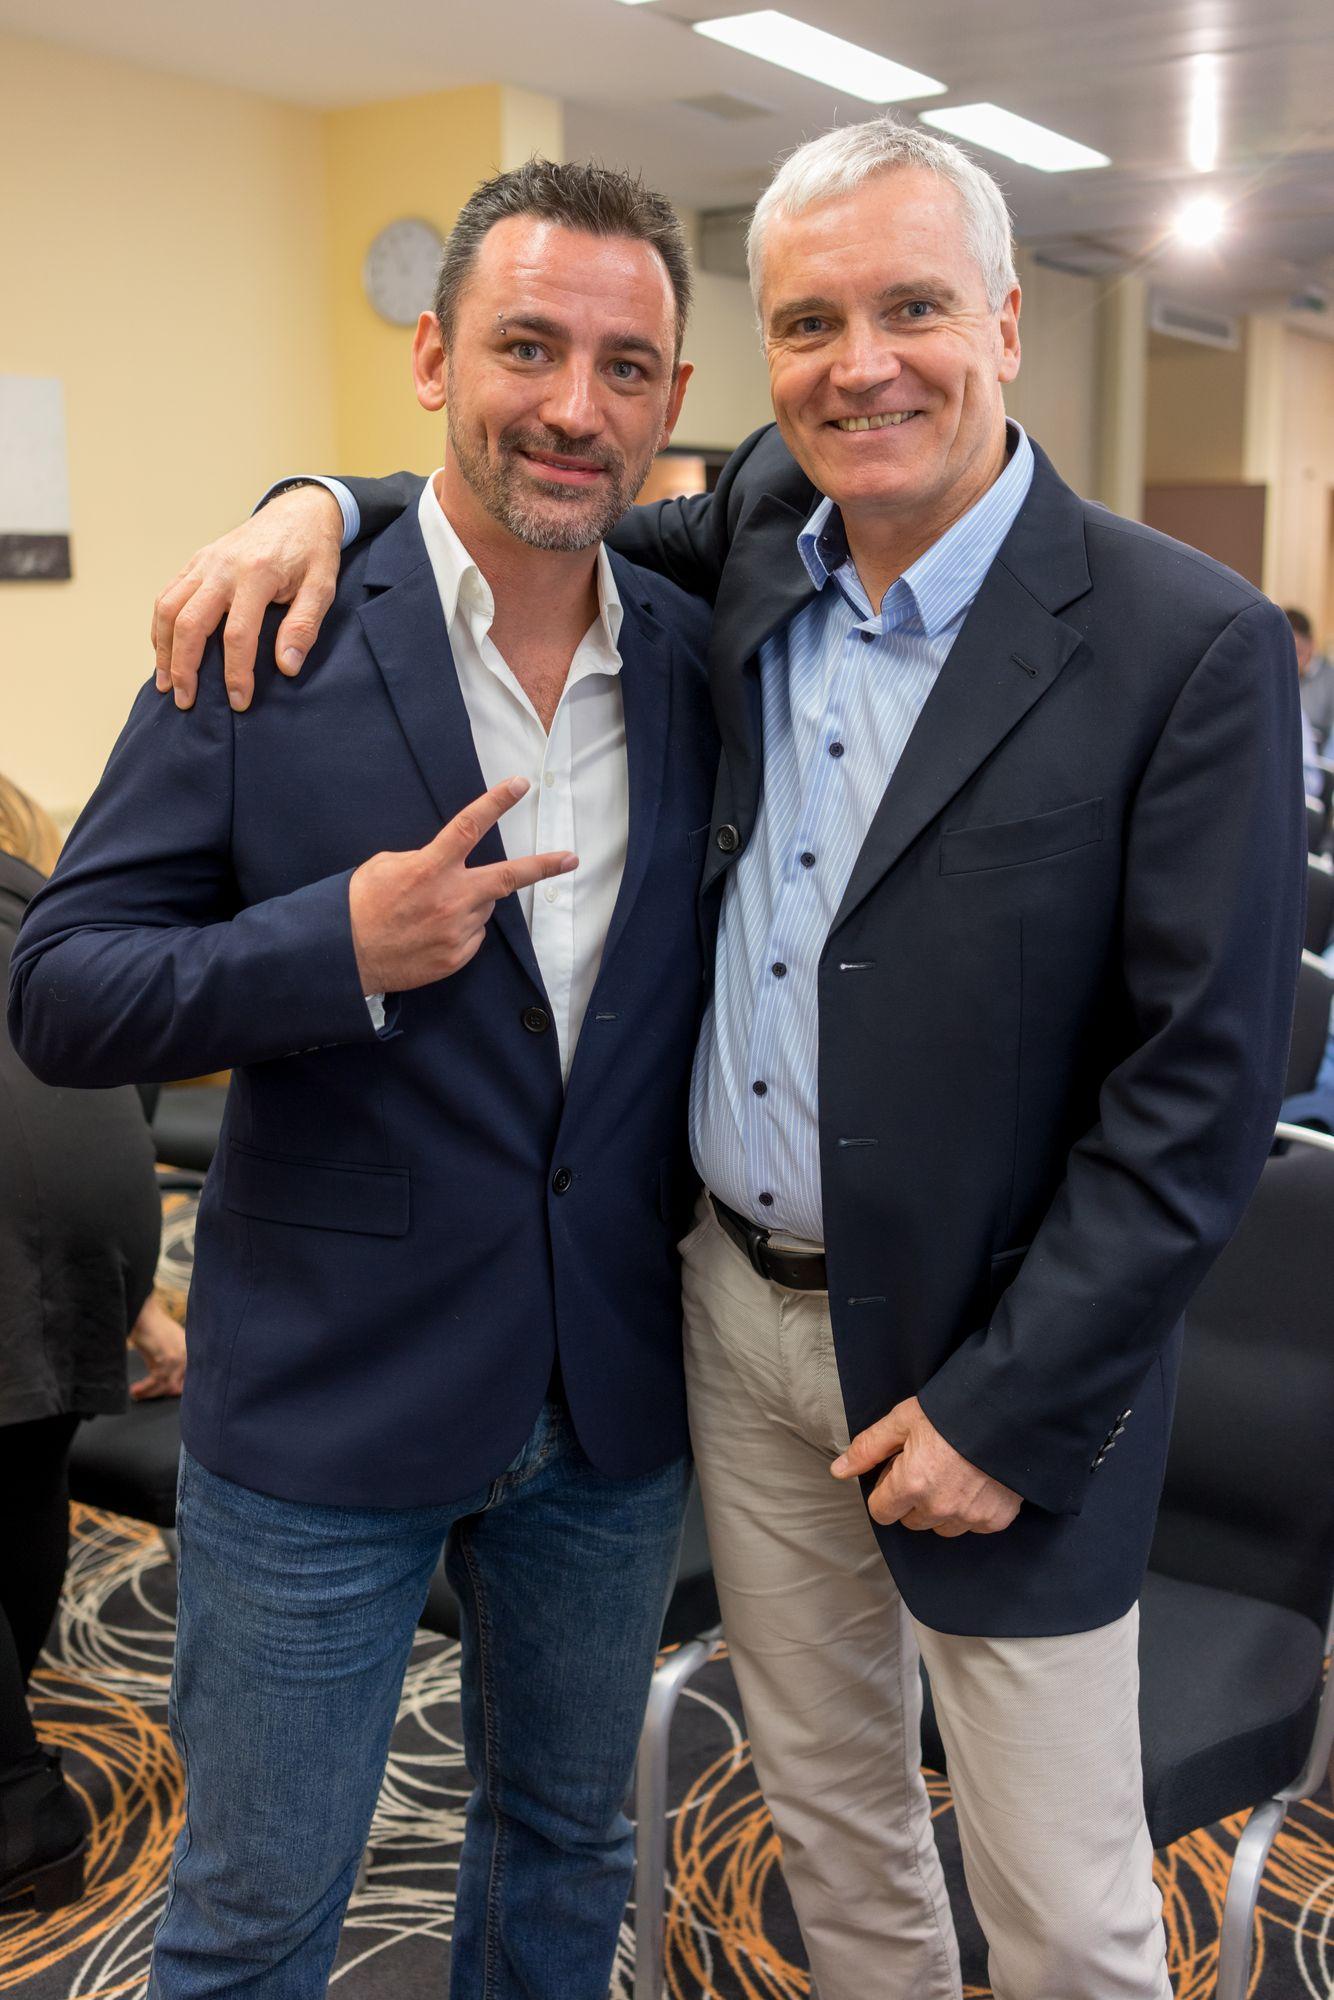 Marco Vantroba und Svend Krumnacker auf dem Builderall Everest 2018 in Nürnberg (Germany)